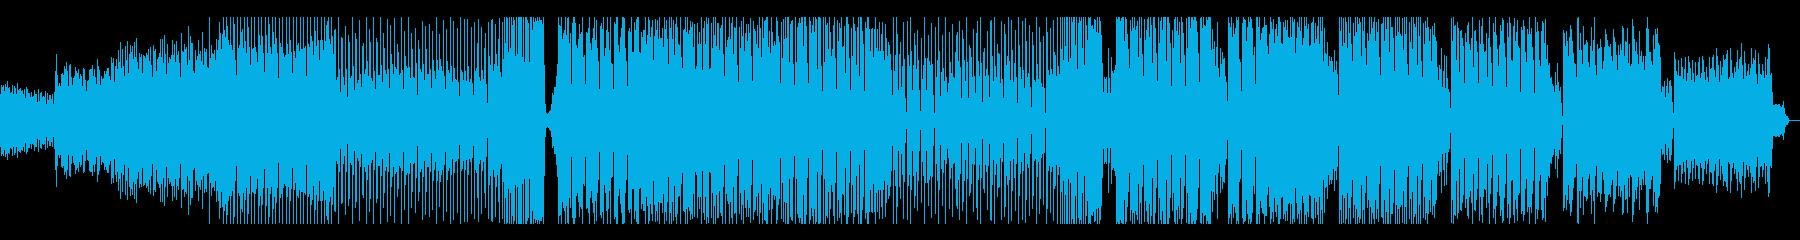 キラキラとしたカワイイハウスの再生済みの波形